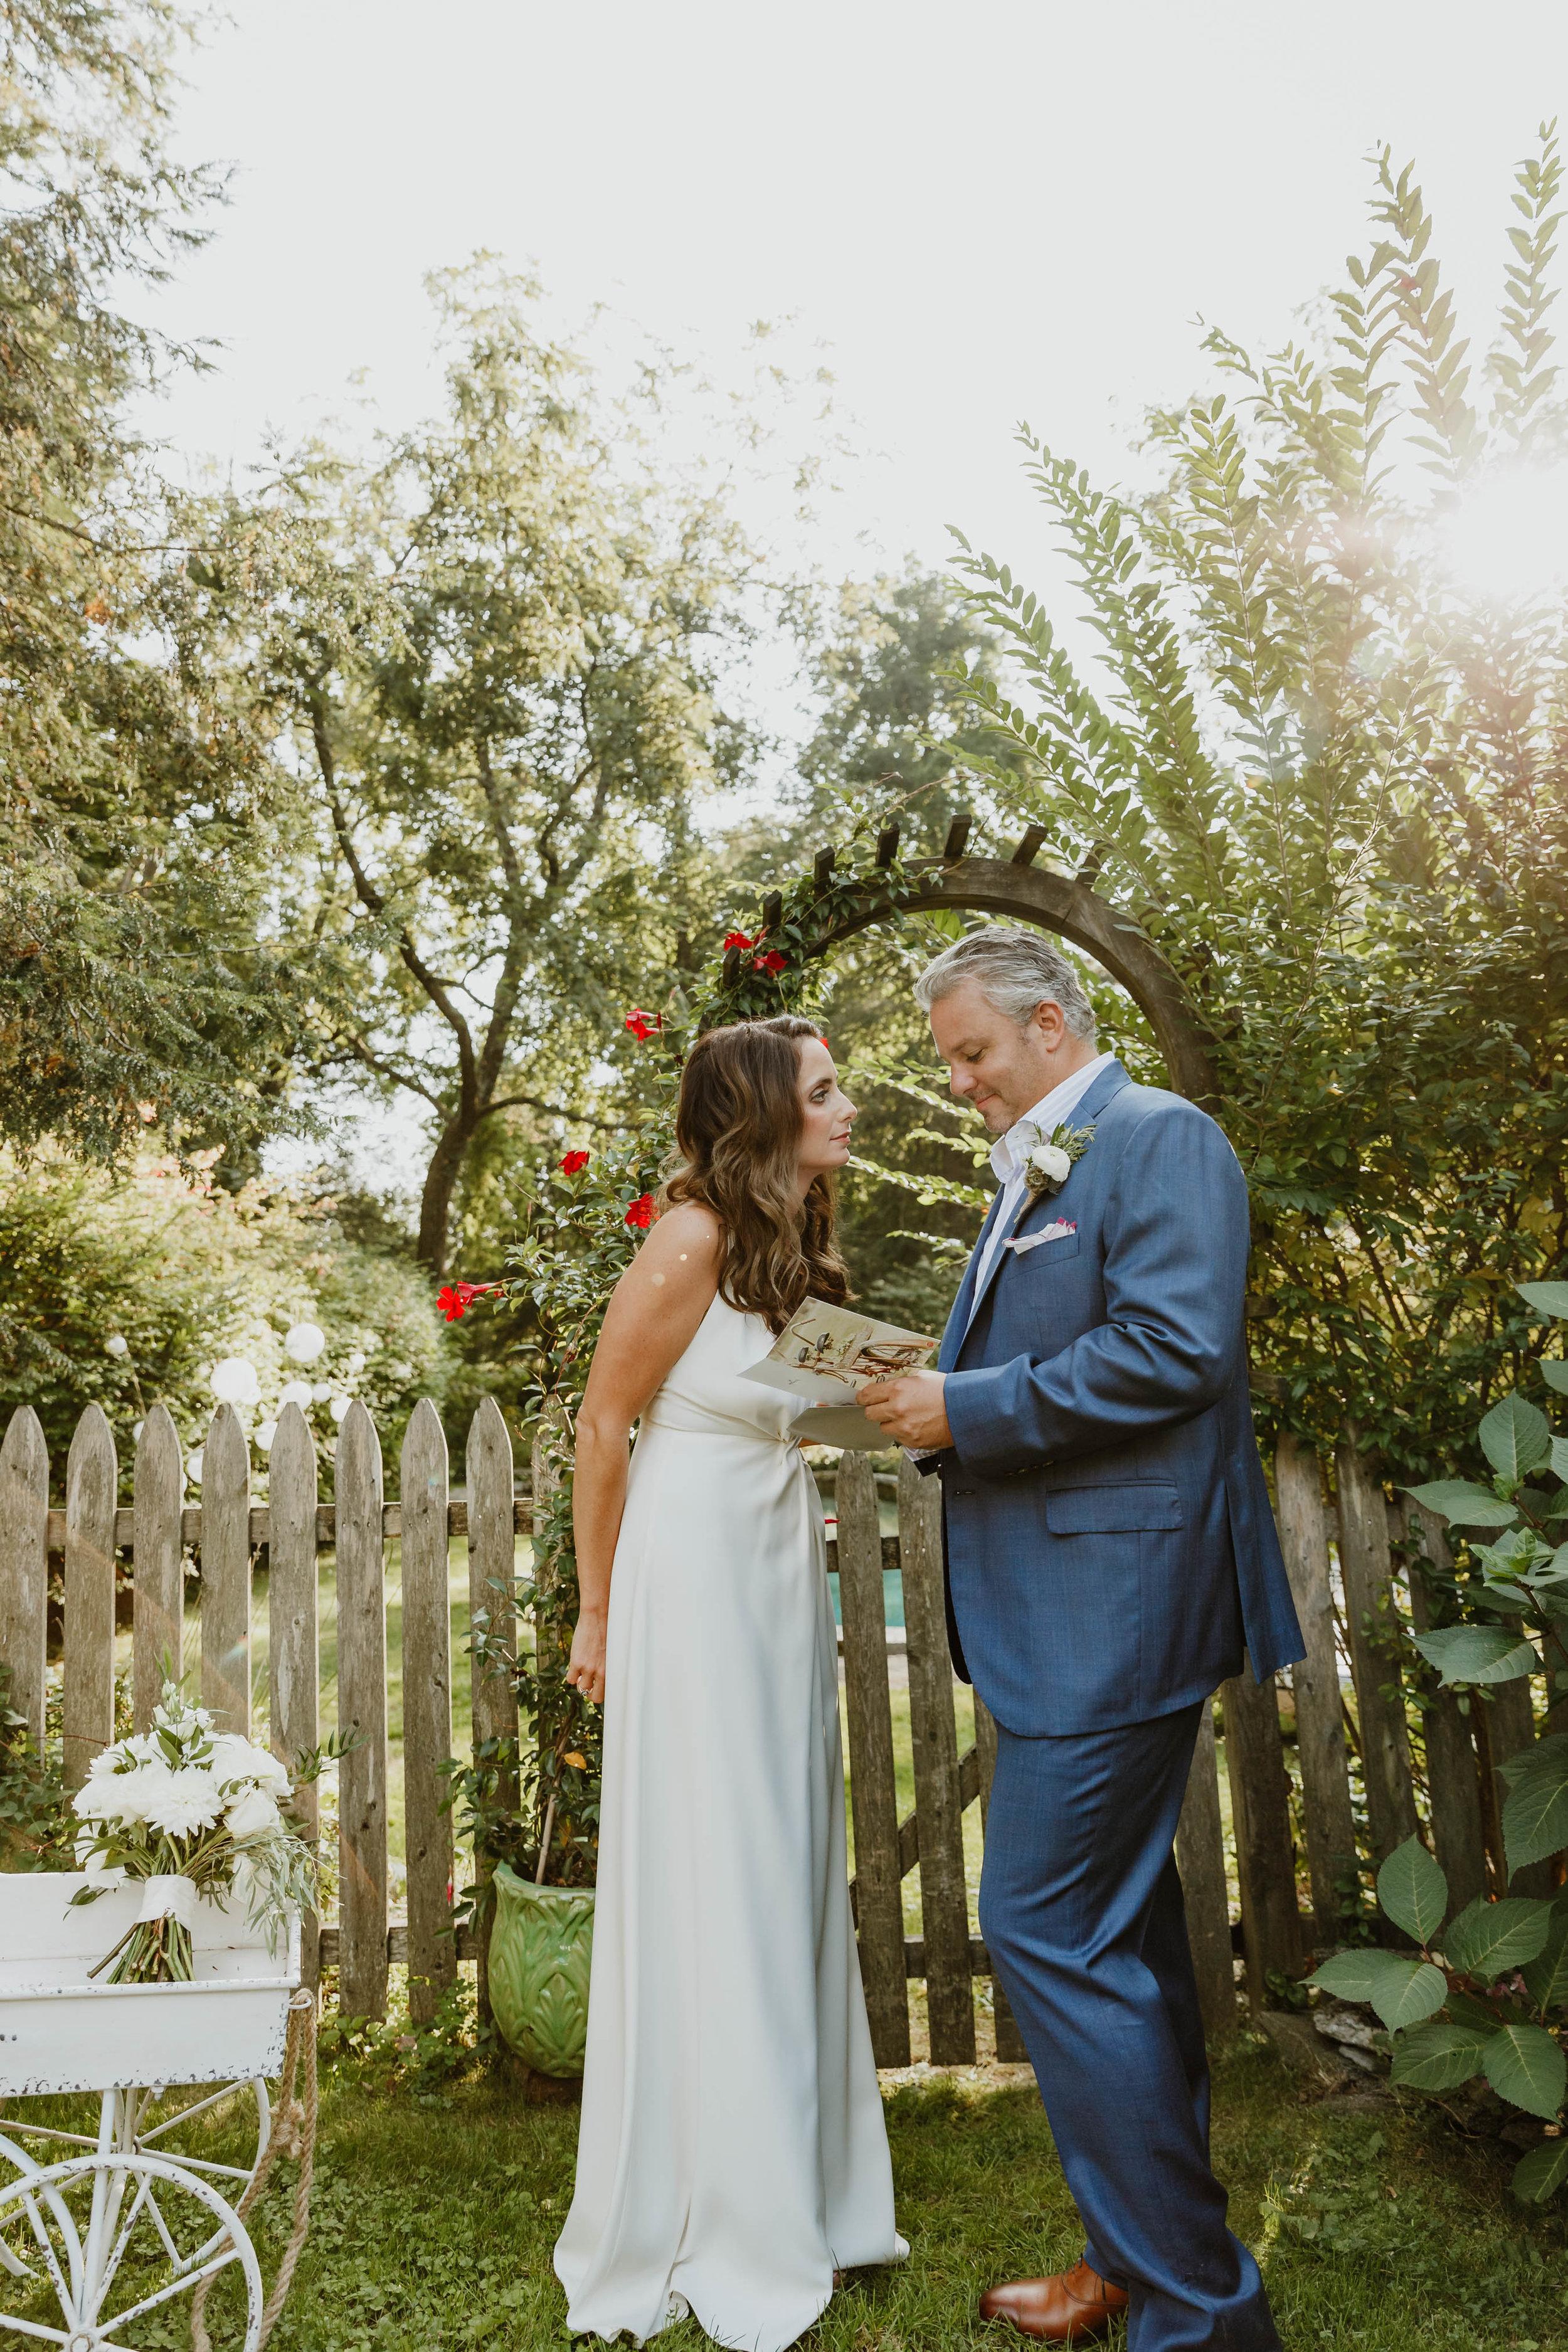 fairfield-county-connecticut-backyard-wedding-photographer--36.jpg